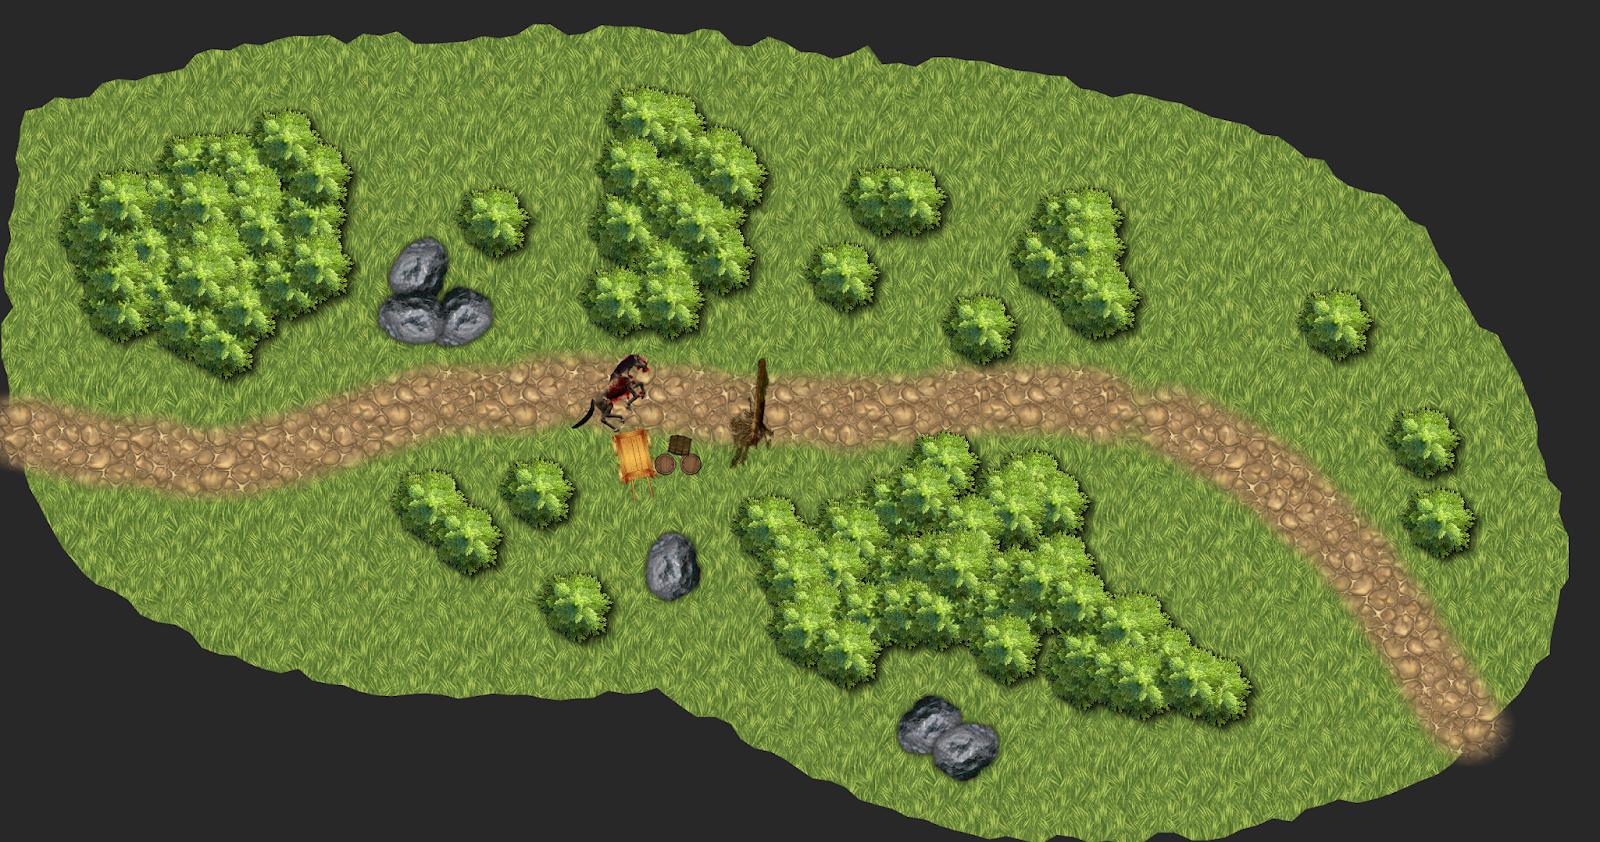 Aventura de nivel 1 para Dungeons & Dragons - Ladrones de Sueños - Camino del Onironauta